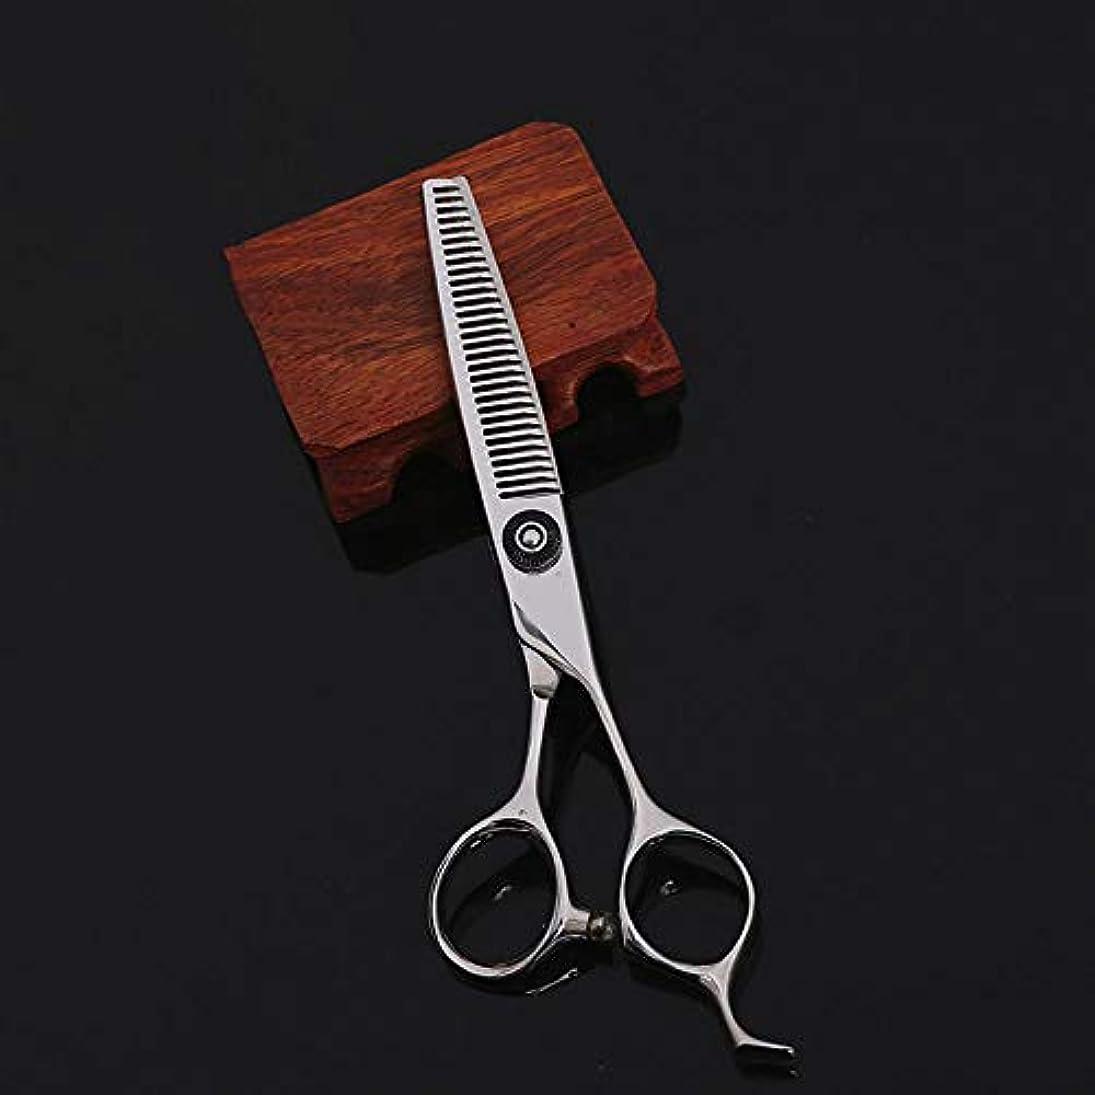 苦しみ切り刻む陽気な6インチの美容院プロフェッショナルなヘアカット間伐ヘアカットはさみ ヘアケア (色 : Silver)